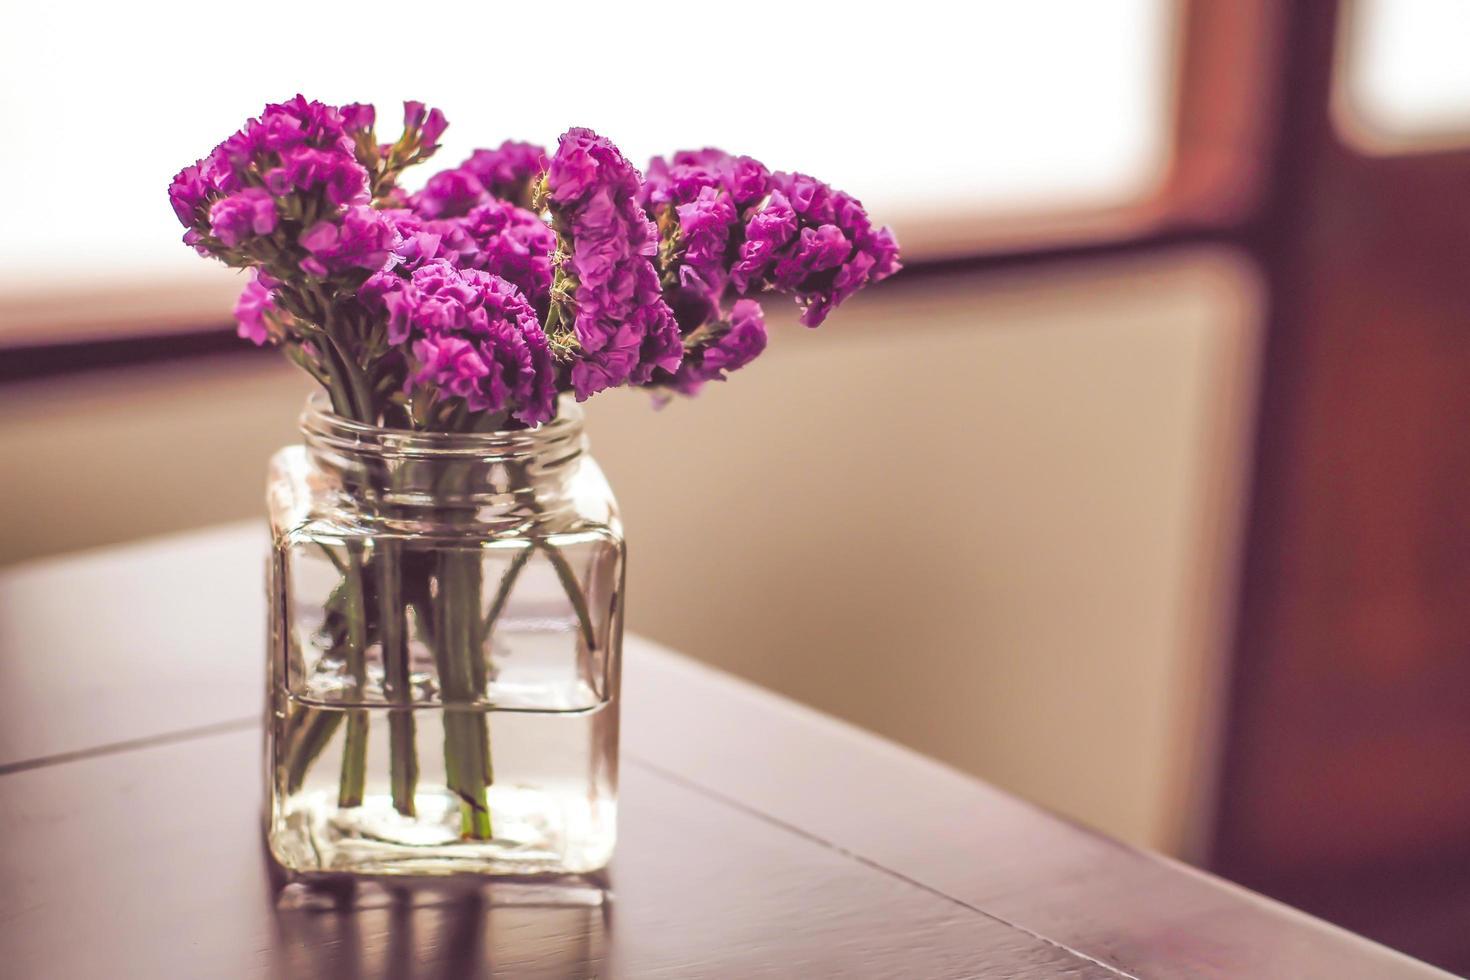 fiori viola in un barattolo di vetro foto